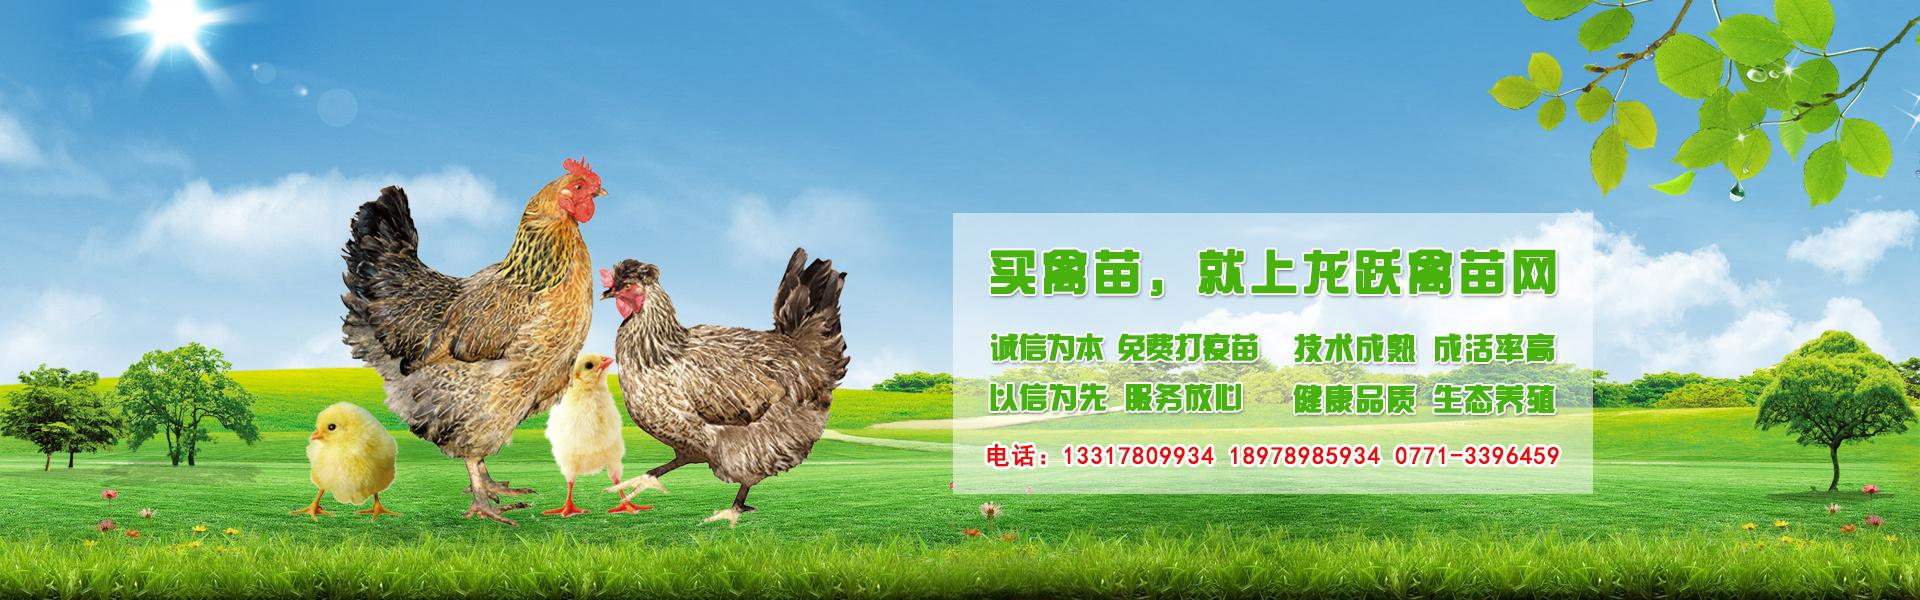 广西易胜博孵化基地-广西跃龙易胜博国际孵化有限公司基地负责搞好疫苗,负责技术指导